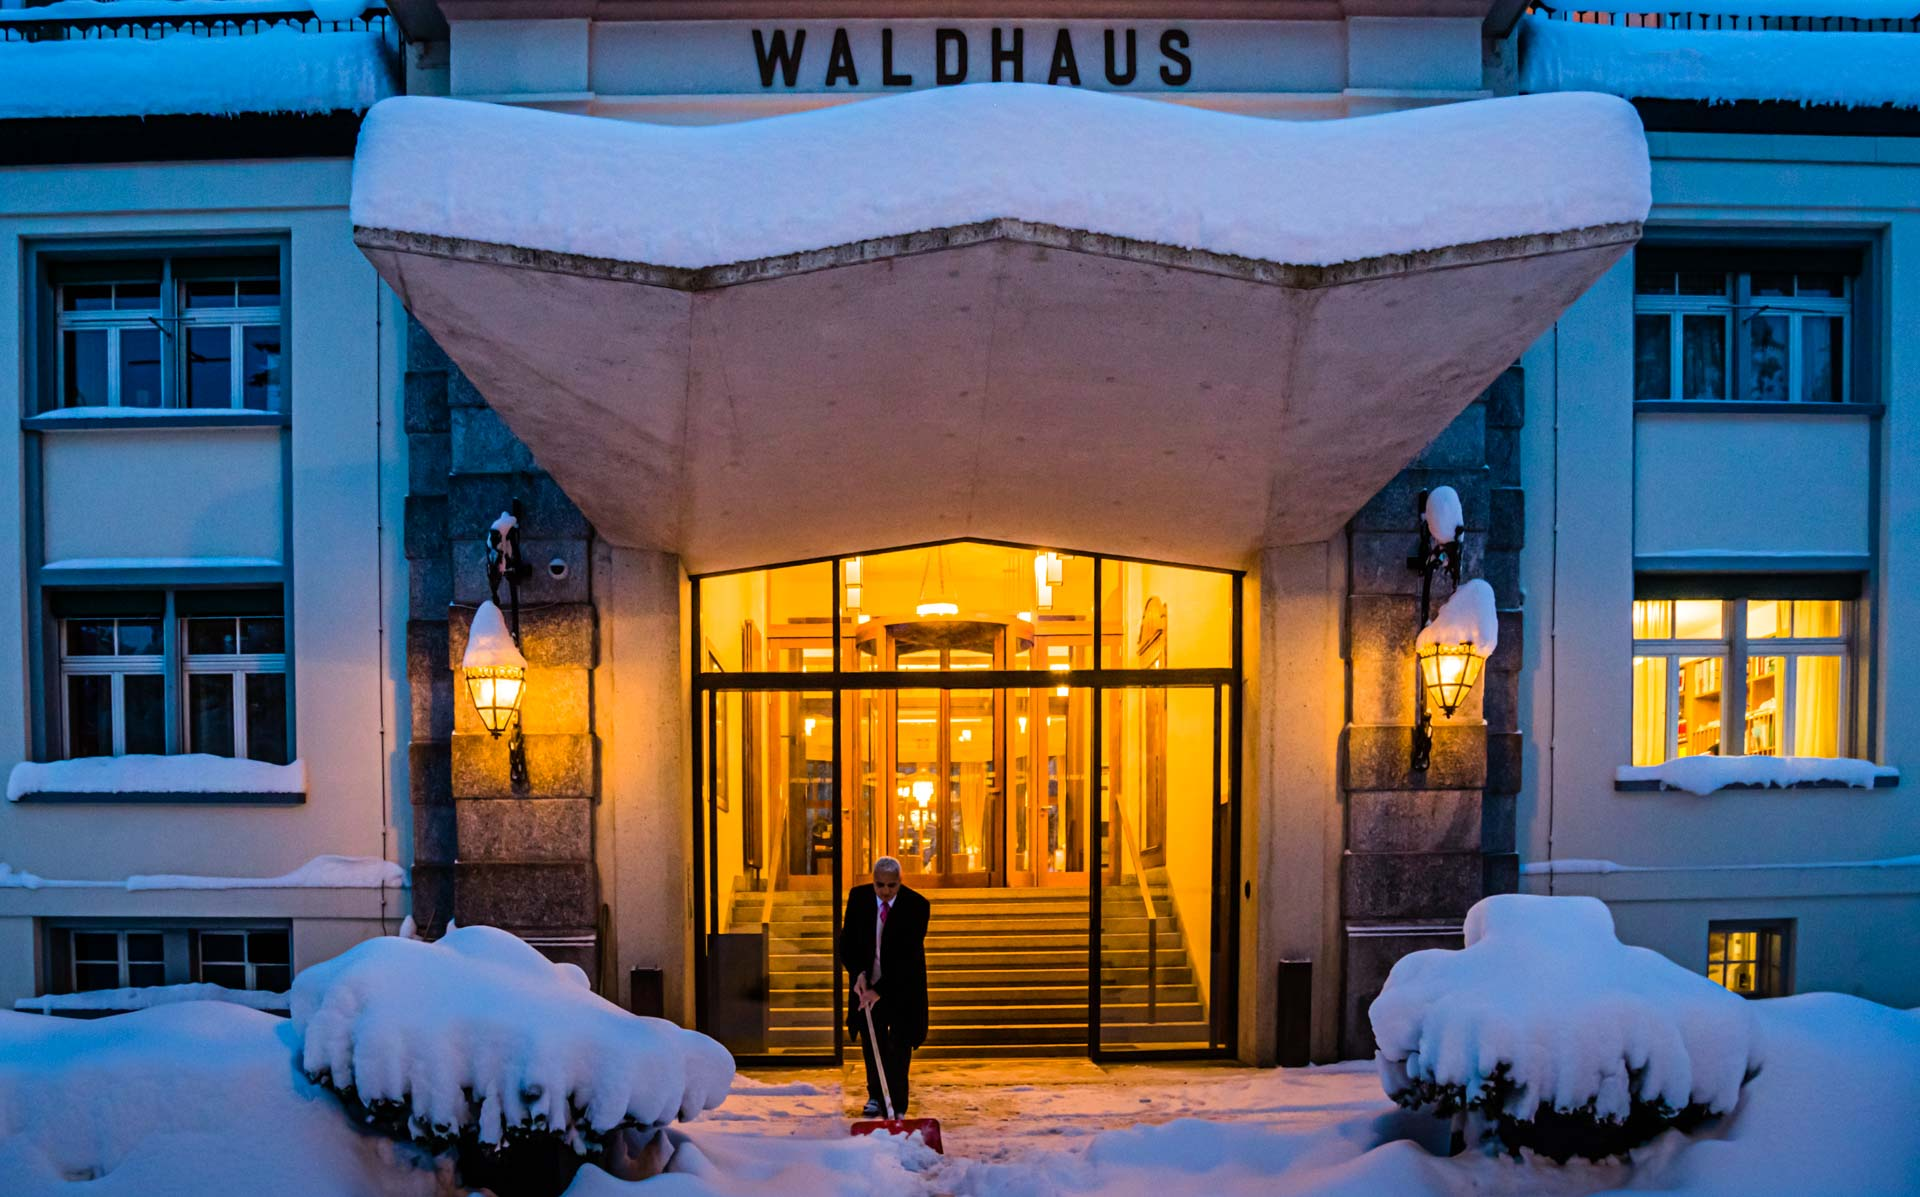 Meterhoher Neuschnee vor dem Waldhaus in Sils wird schon früh morgens weggeräumt. Das Licht in der Lobby leuchtet warm und einladend. Schön zu wissen, dass man sich gleich in einen der Samtsessel im Salon-Bleu fallen lassen kann / © FrontRowSociety.net, Foto: Georg Berg